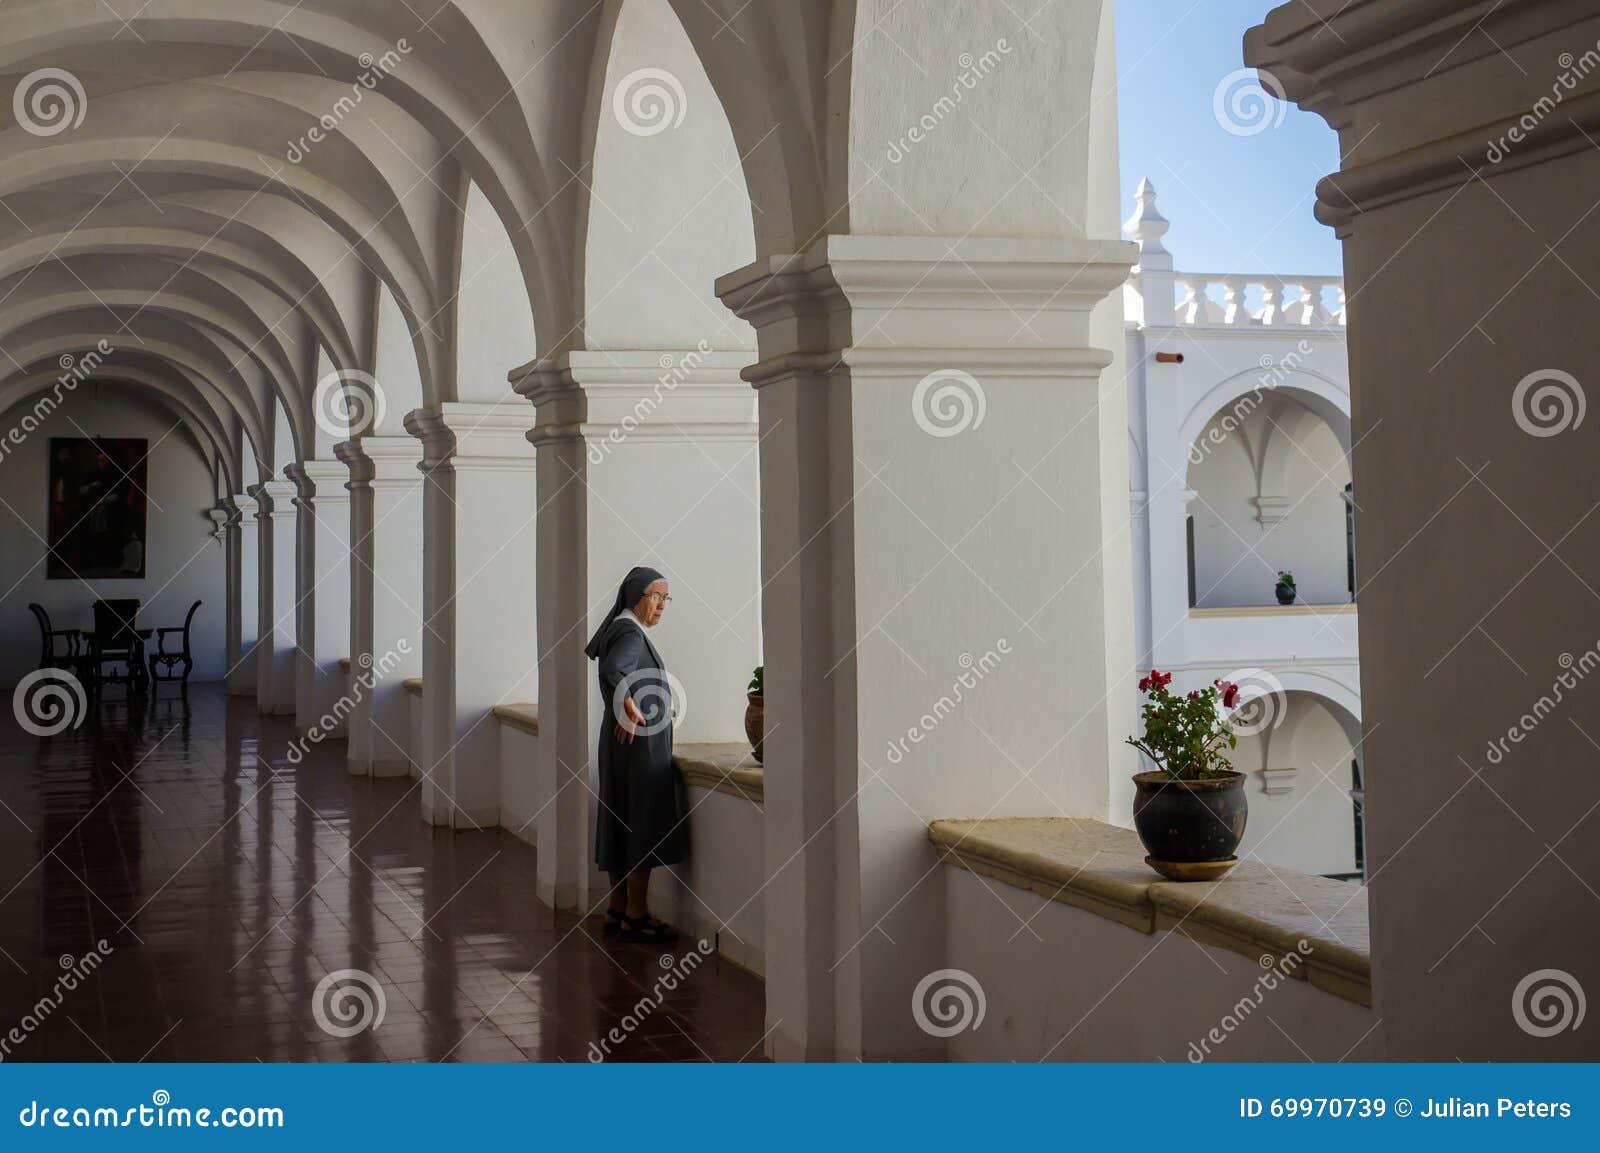 De non in klooster kijkt uit venster